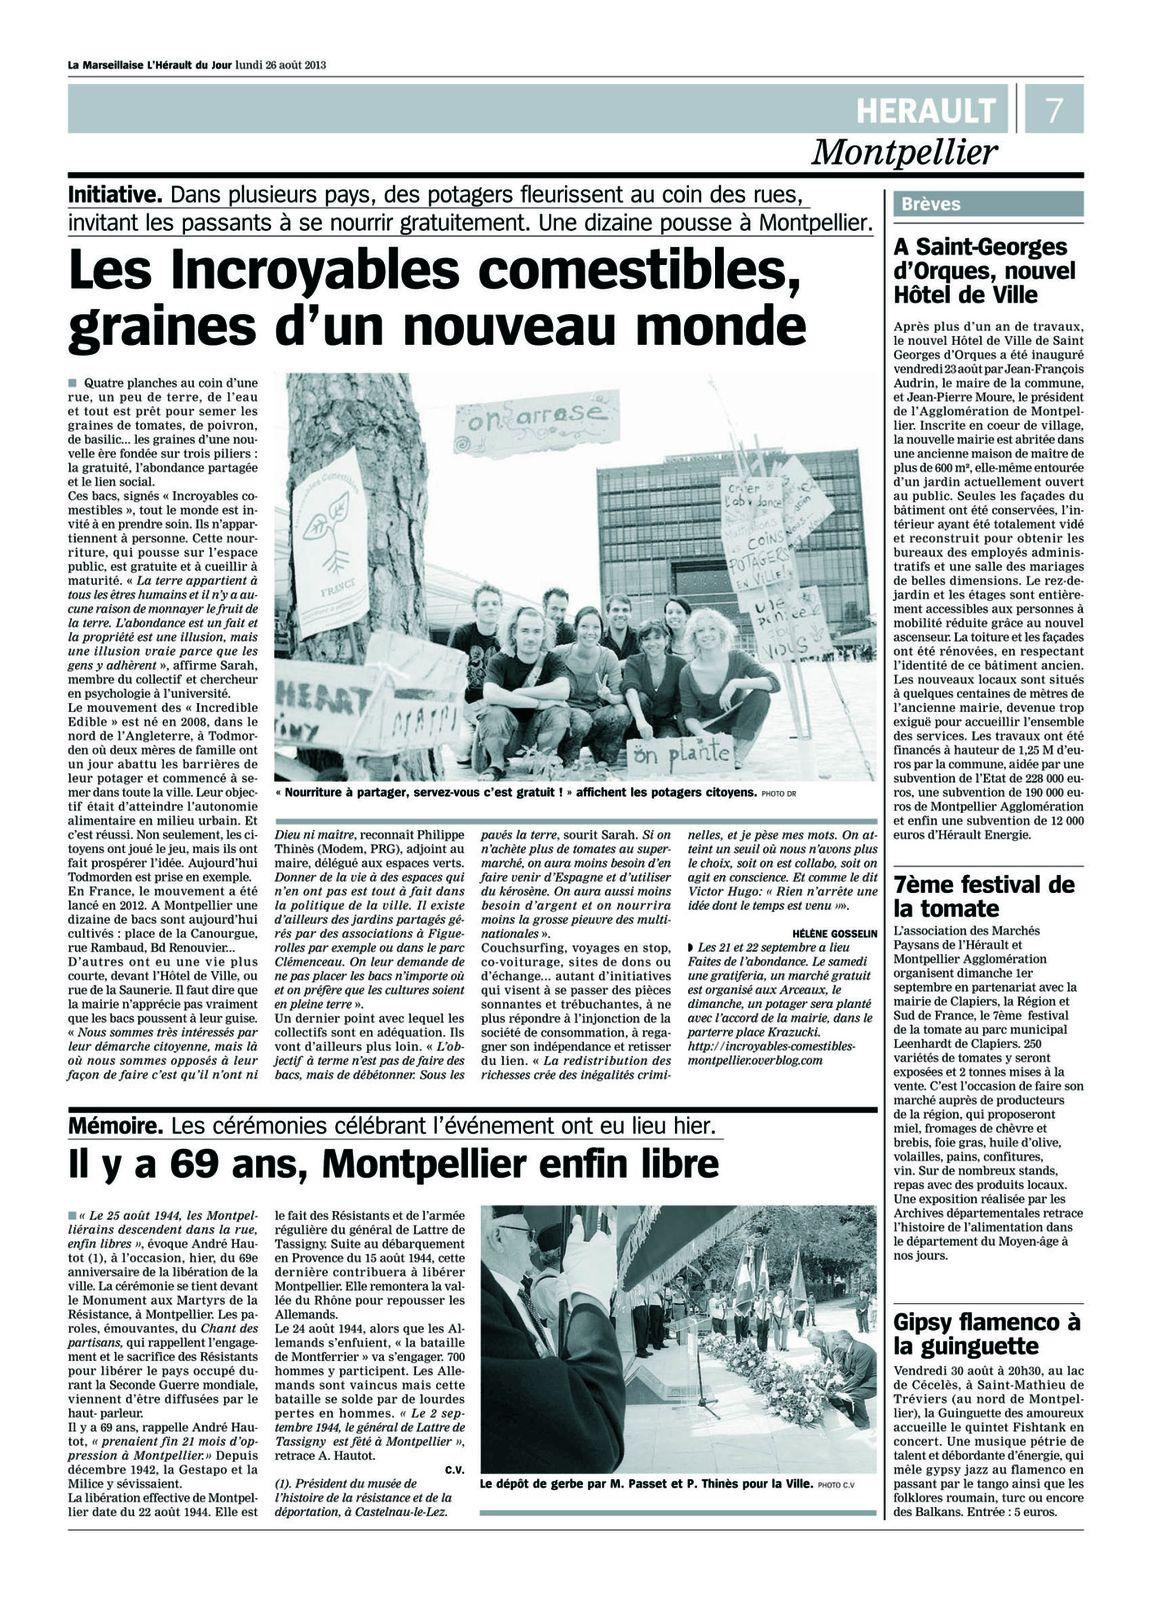 Article de l'Hérault du jour du 26 aout